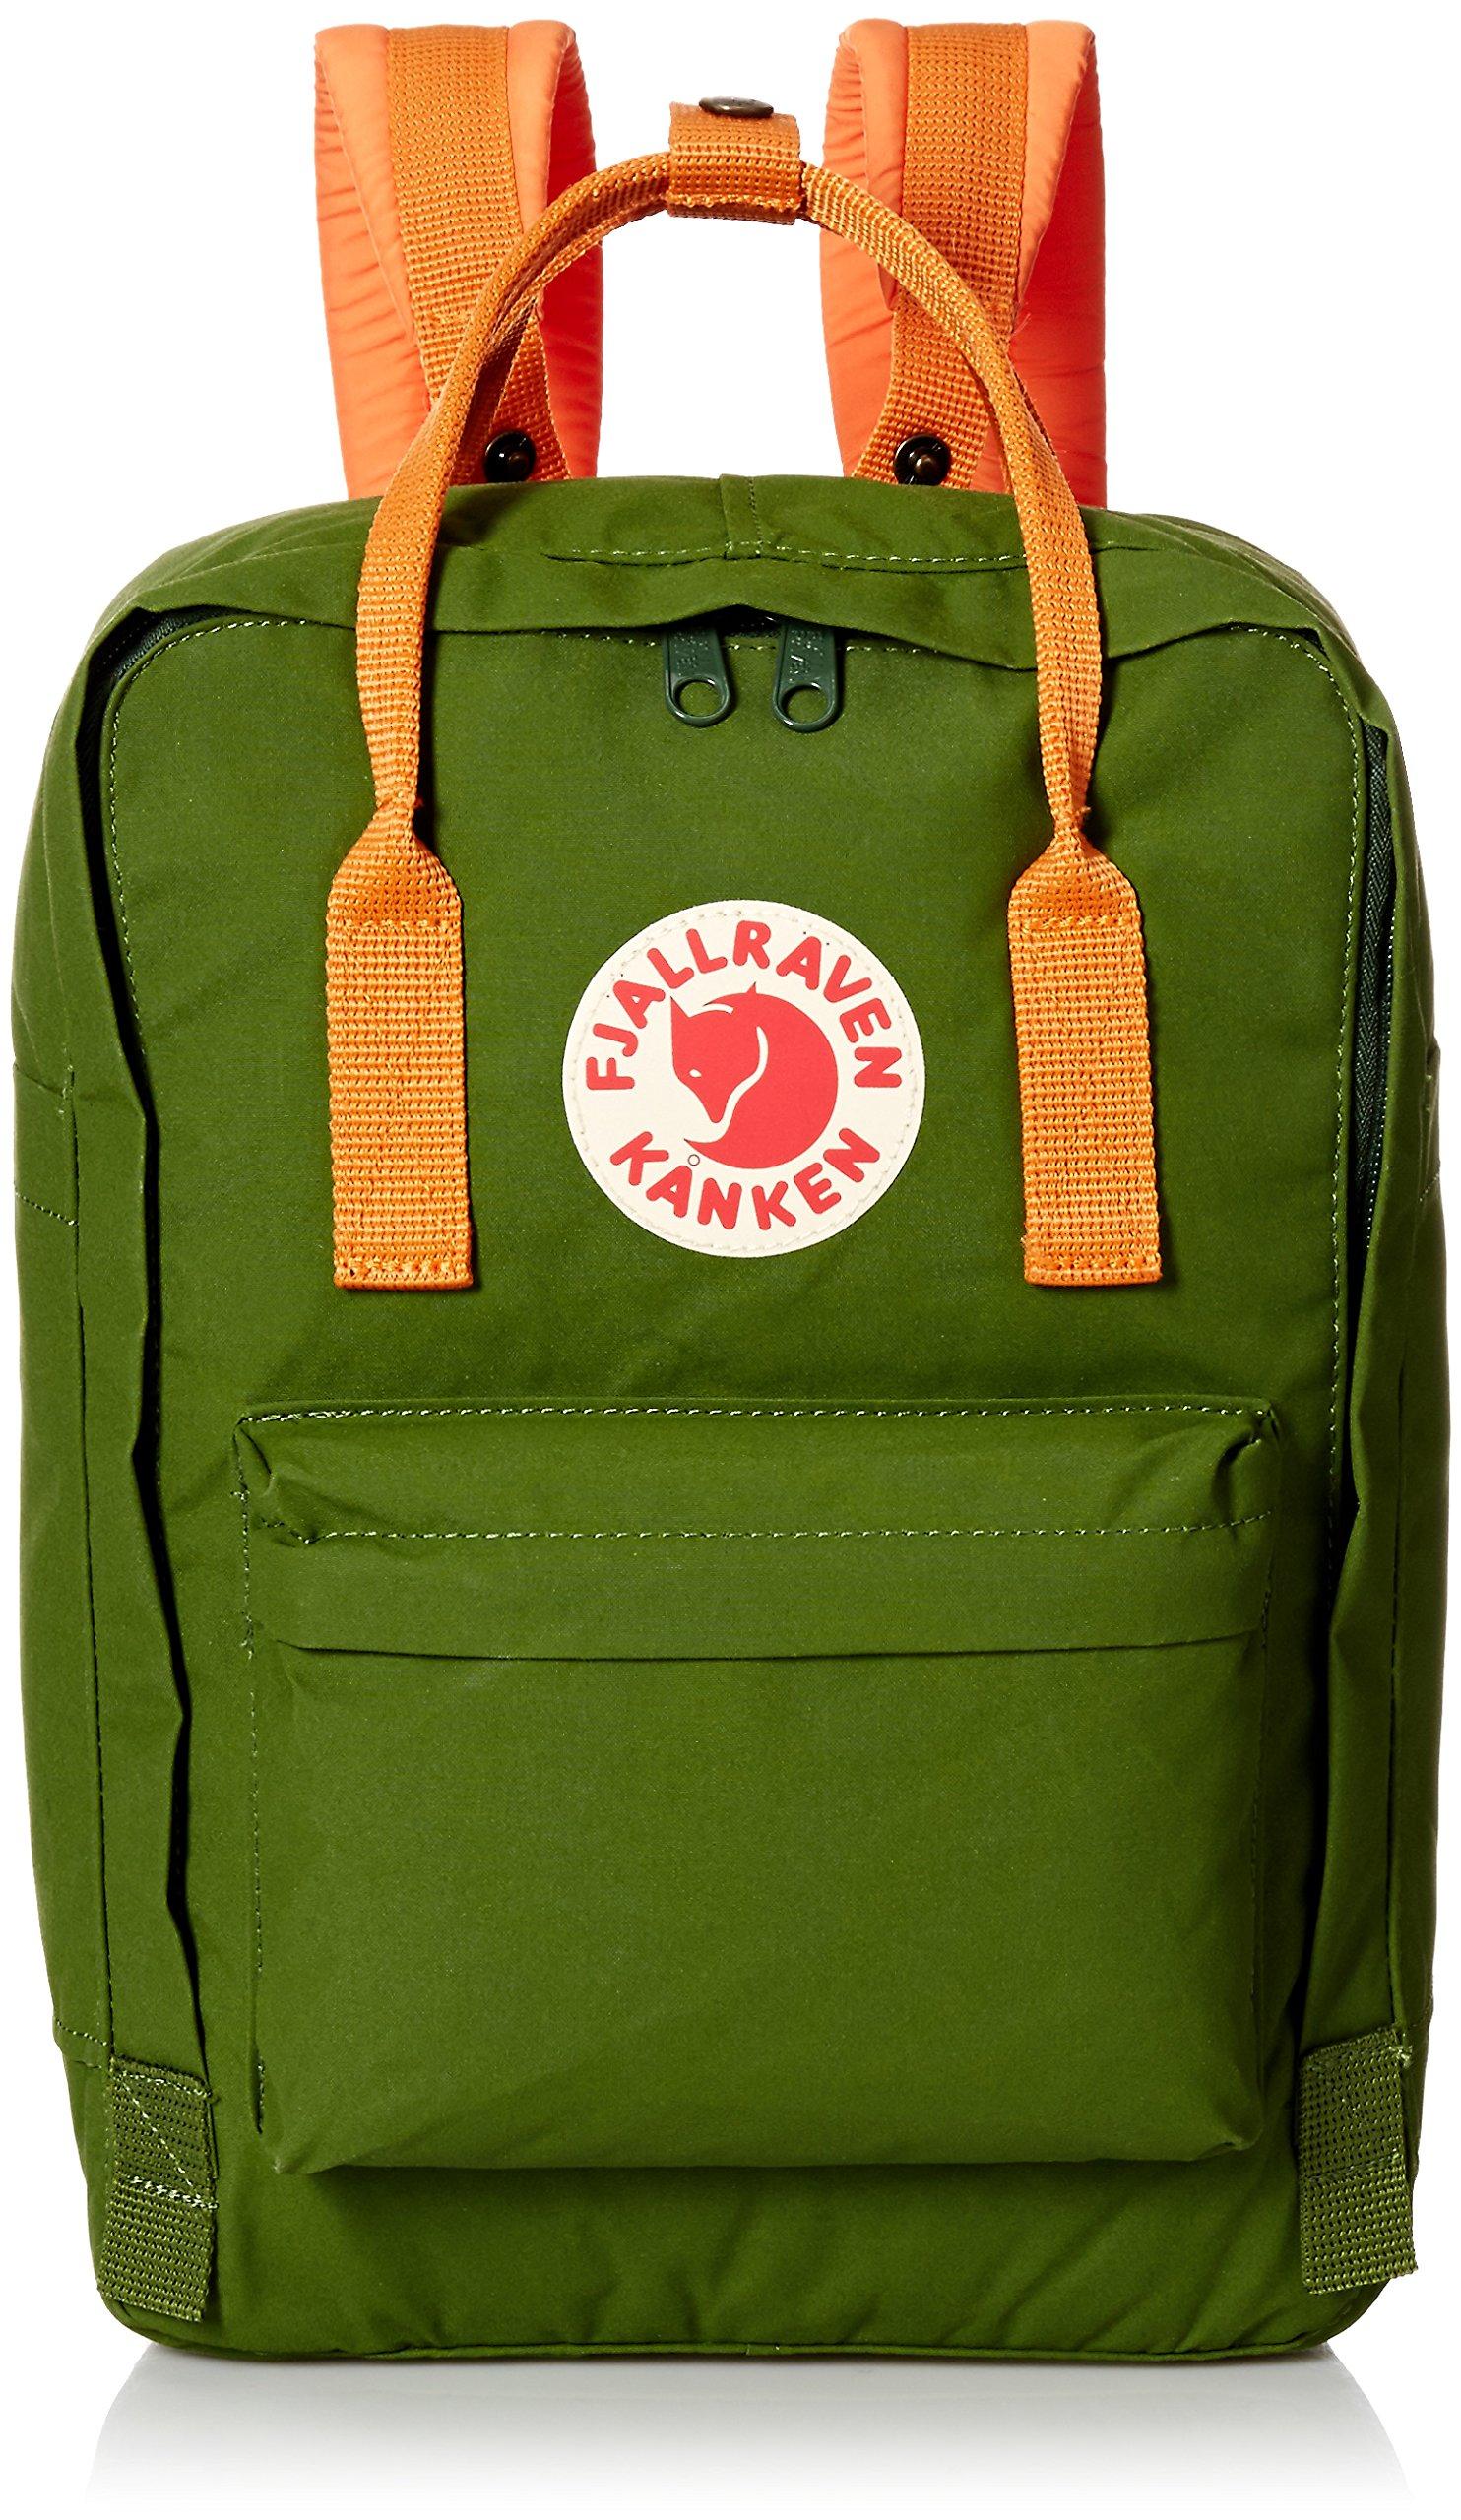 Fjallraven F27171 Unisex Kanken Laptop 13 inch Bag, Leaf Green/Burnt Orange - OS